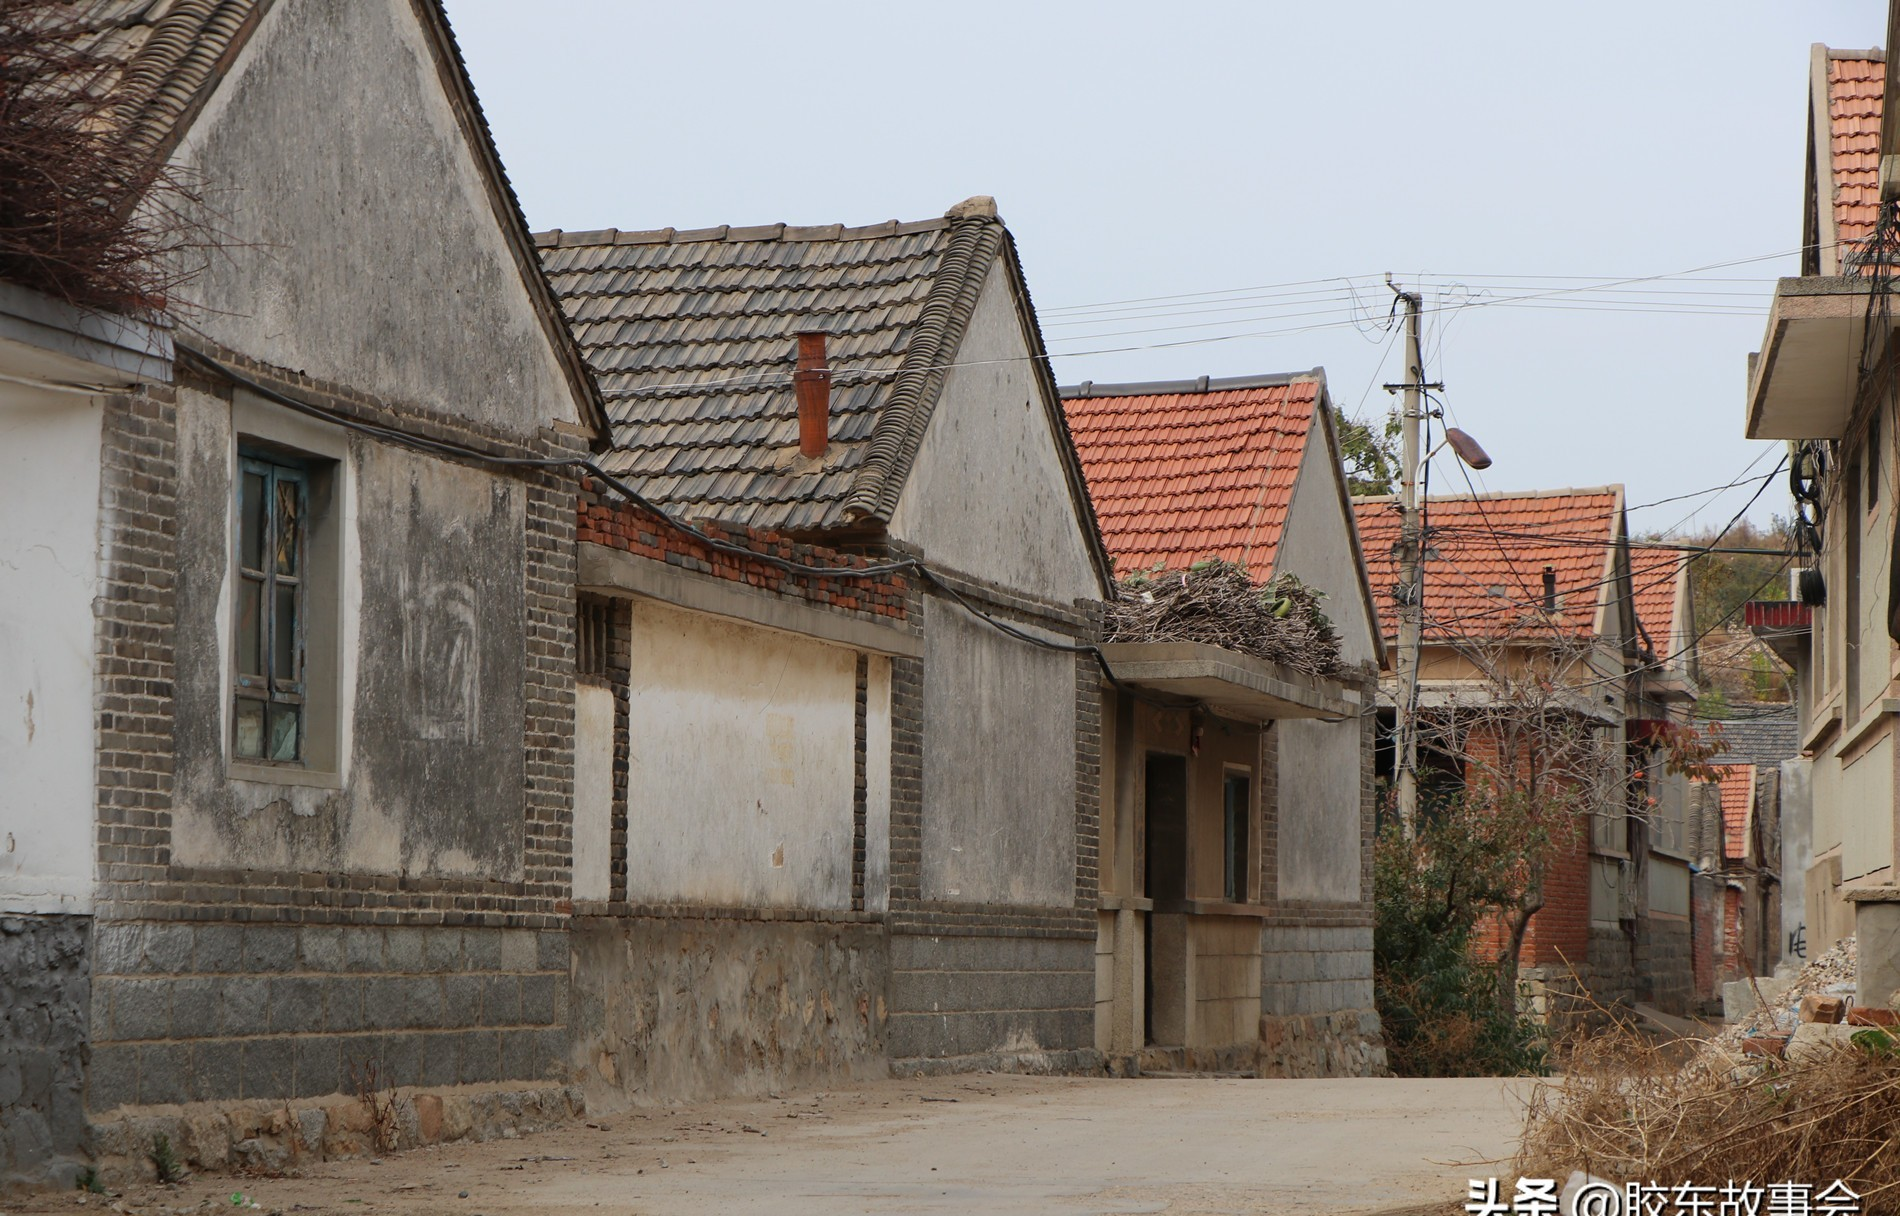 栖霞苏家店镇有不少韩姓人,他们大多与蓬莱有渊源